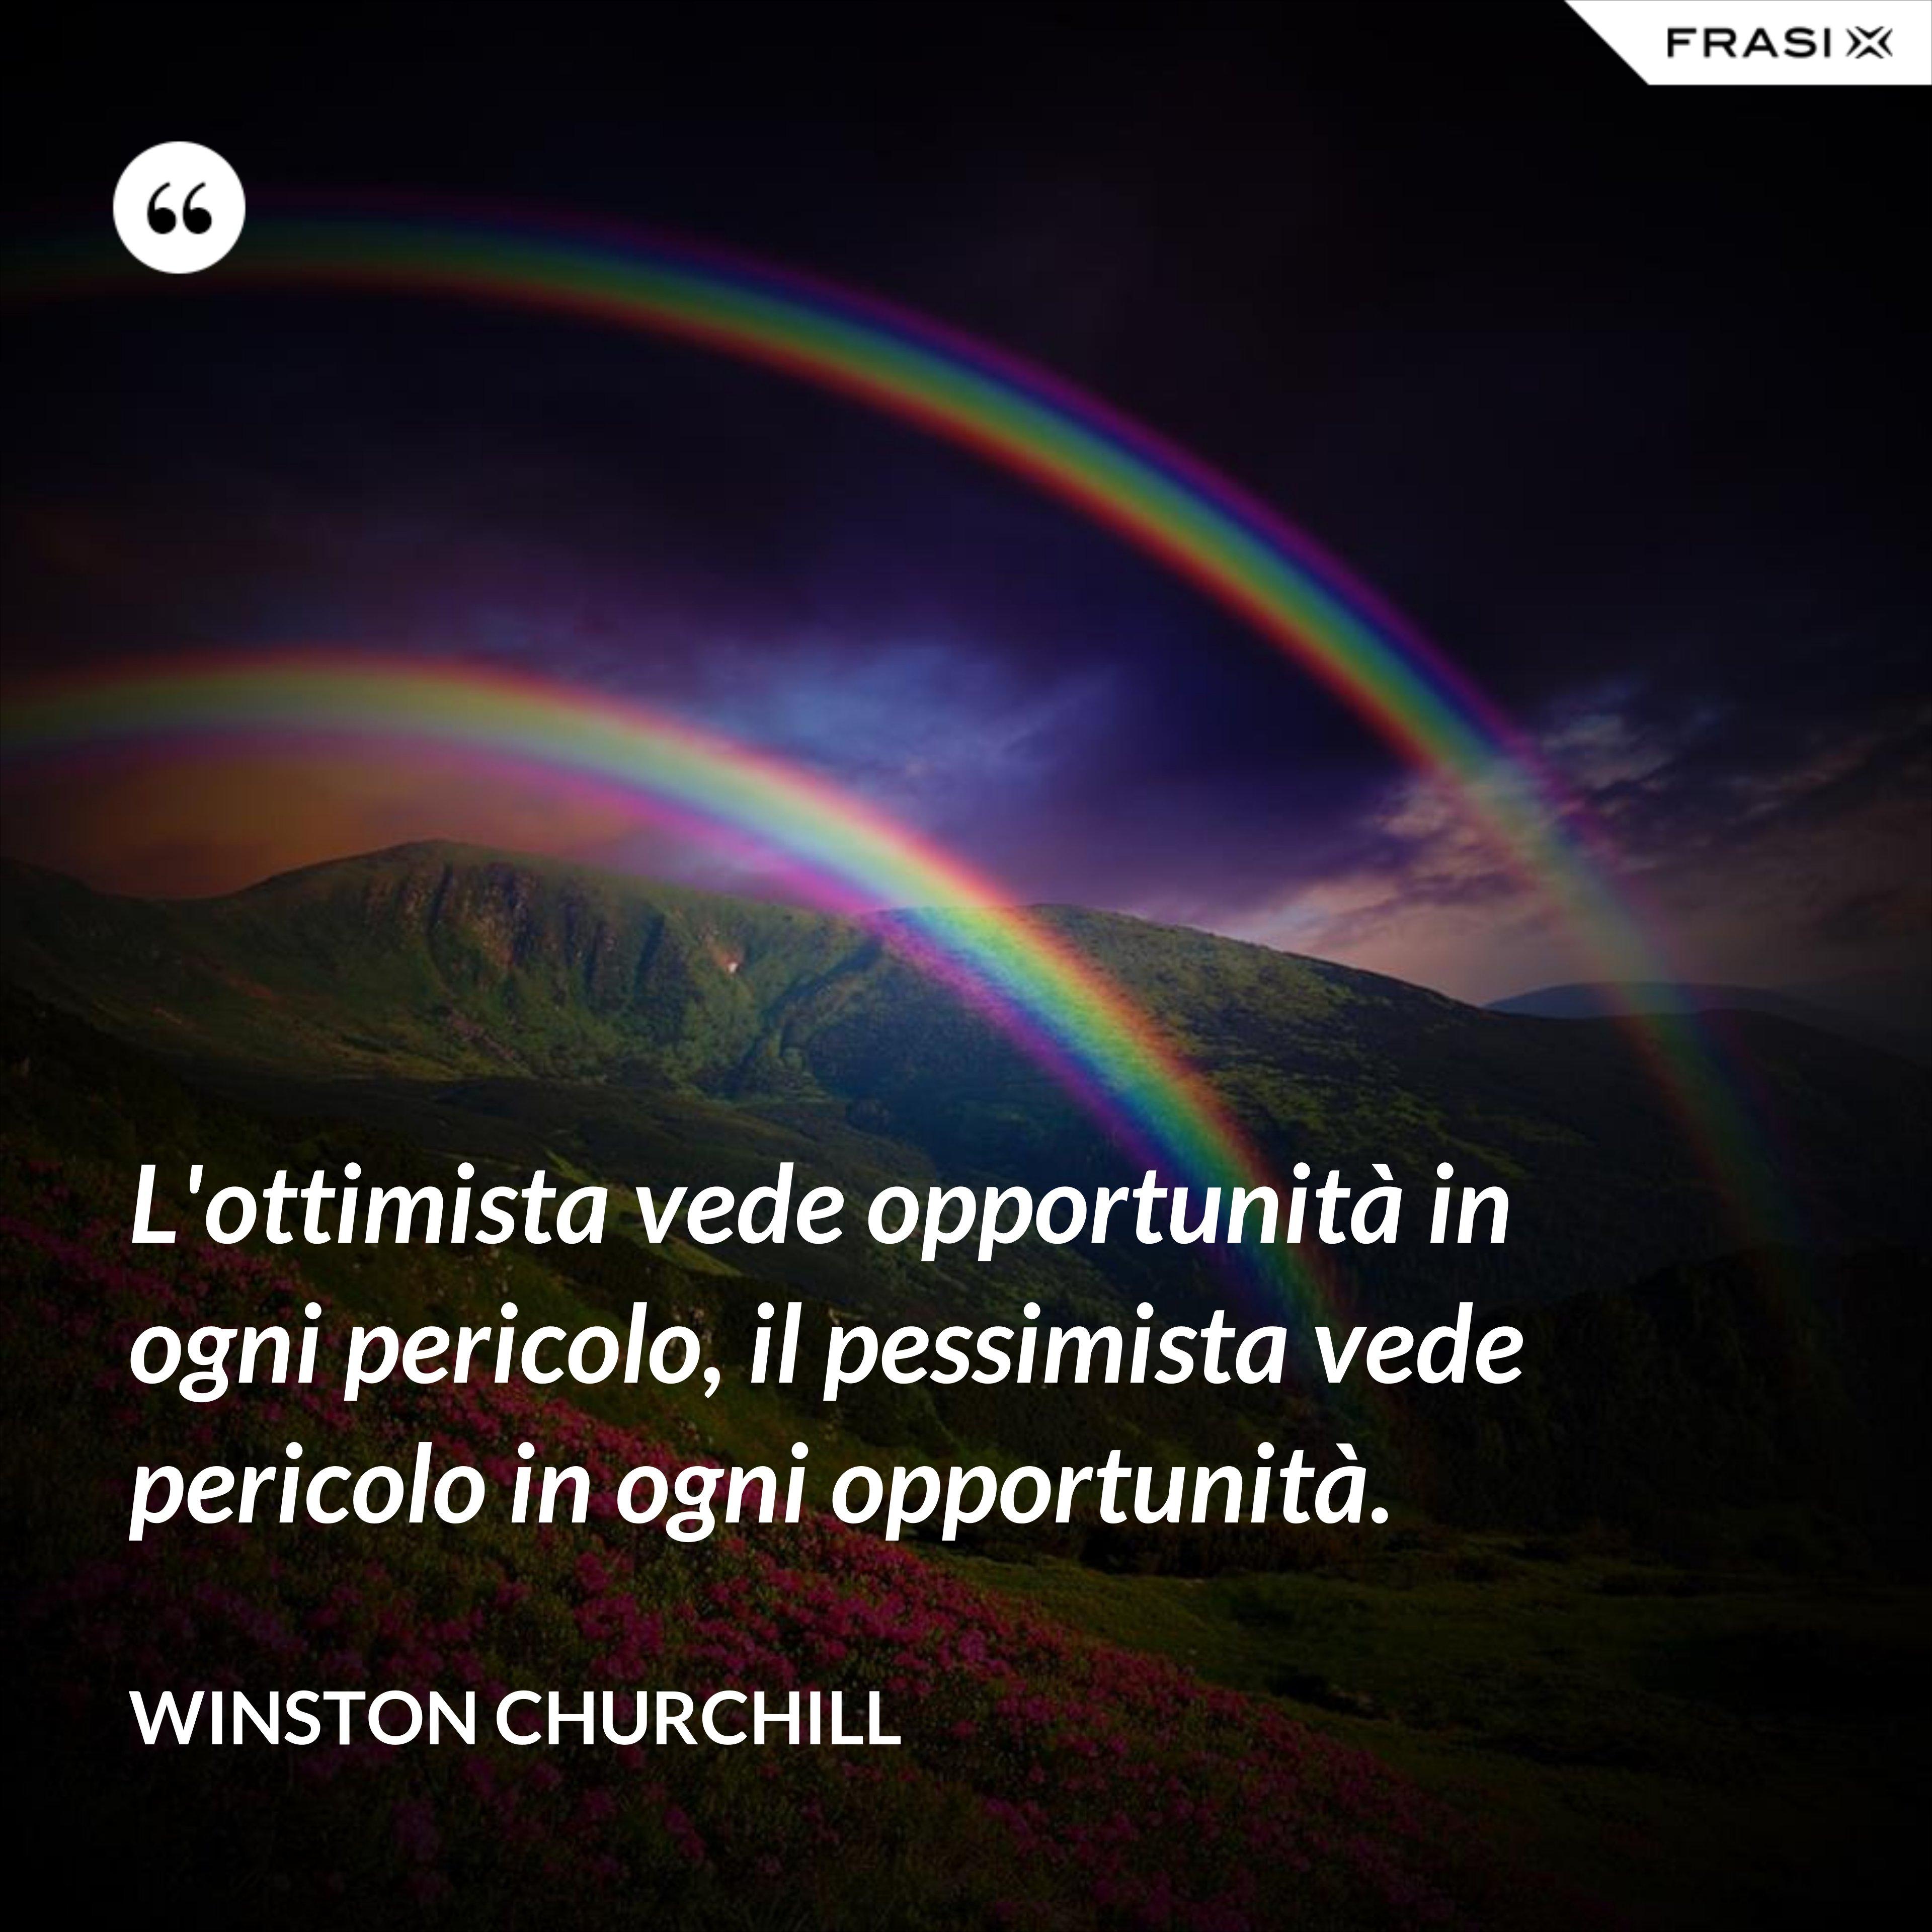 L'ottimista vede opportunità in ogni pericolo, il pessimista vede pericolo in ogni opportunità. - Winston Churchill